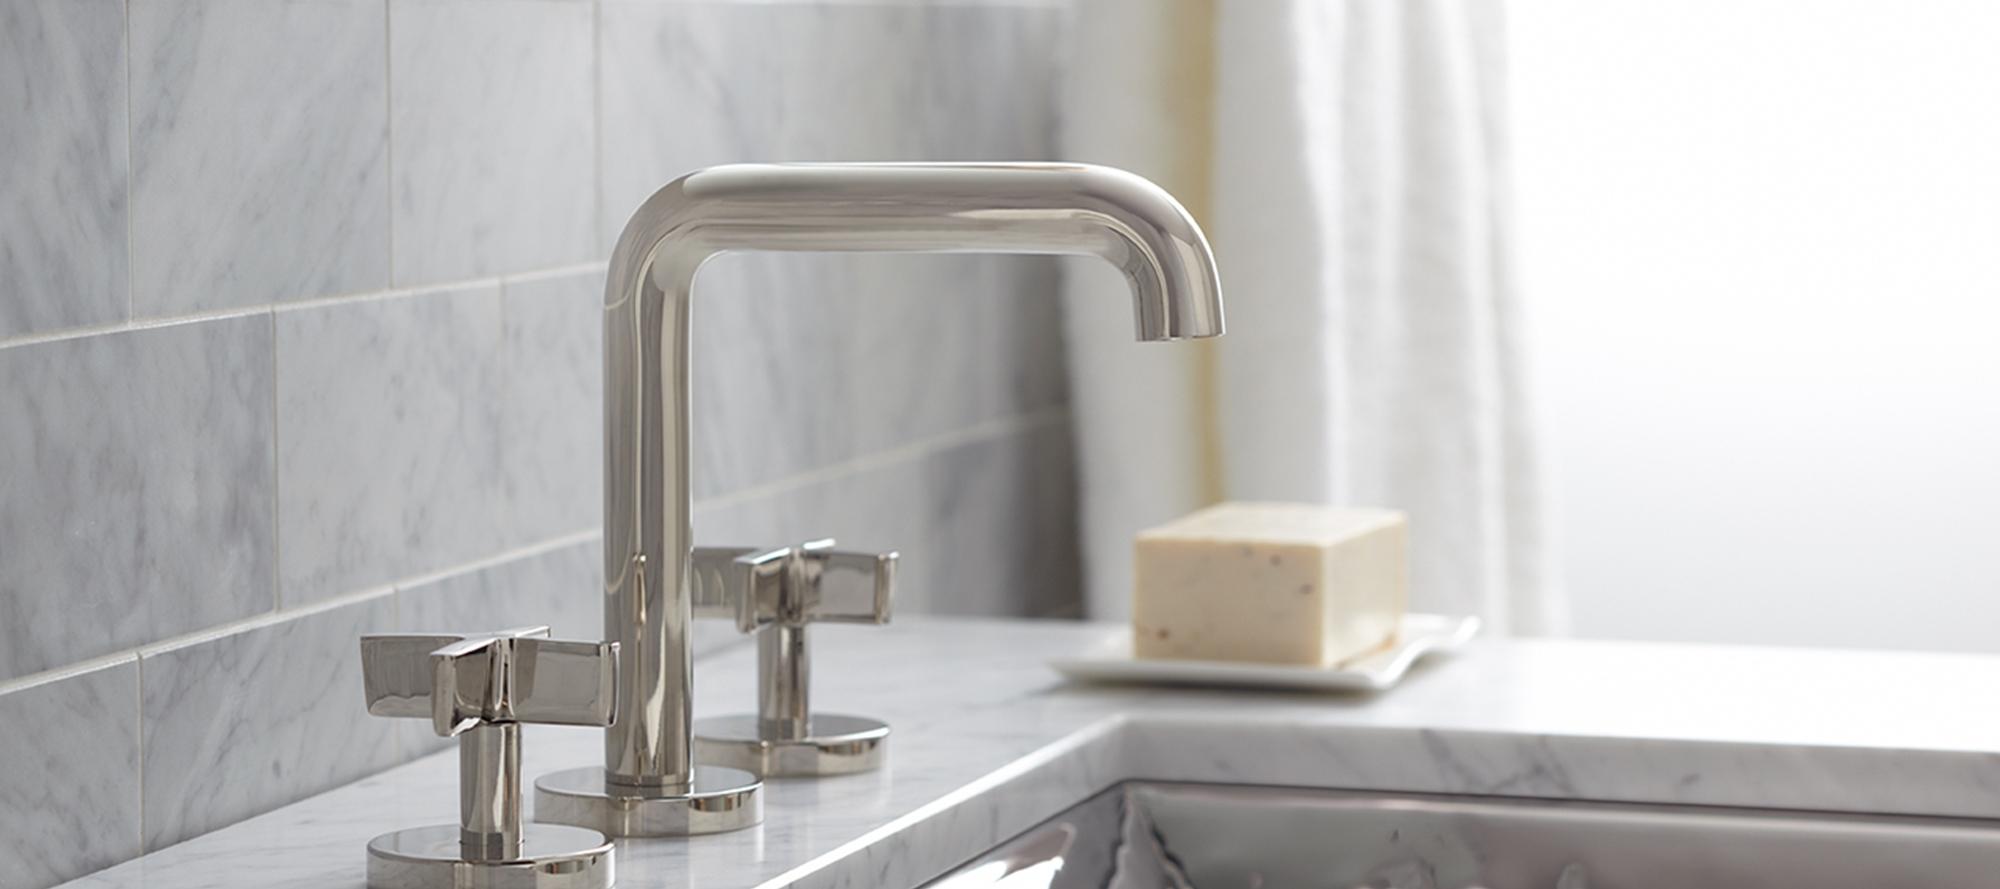 kallista one bridge faucet kallista one bridge faucet one sink faucet gooseneck spout lever handles p24490 lv 2000 x 889